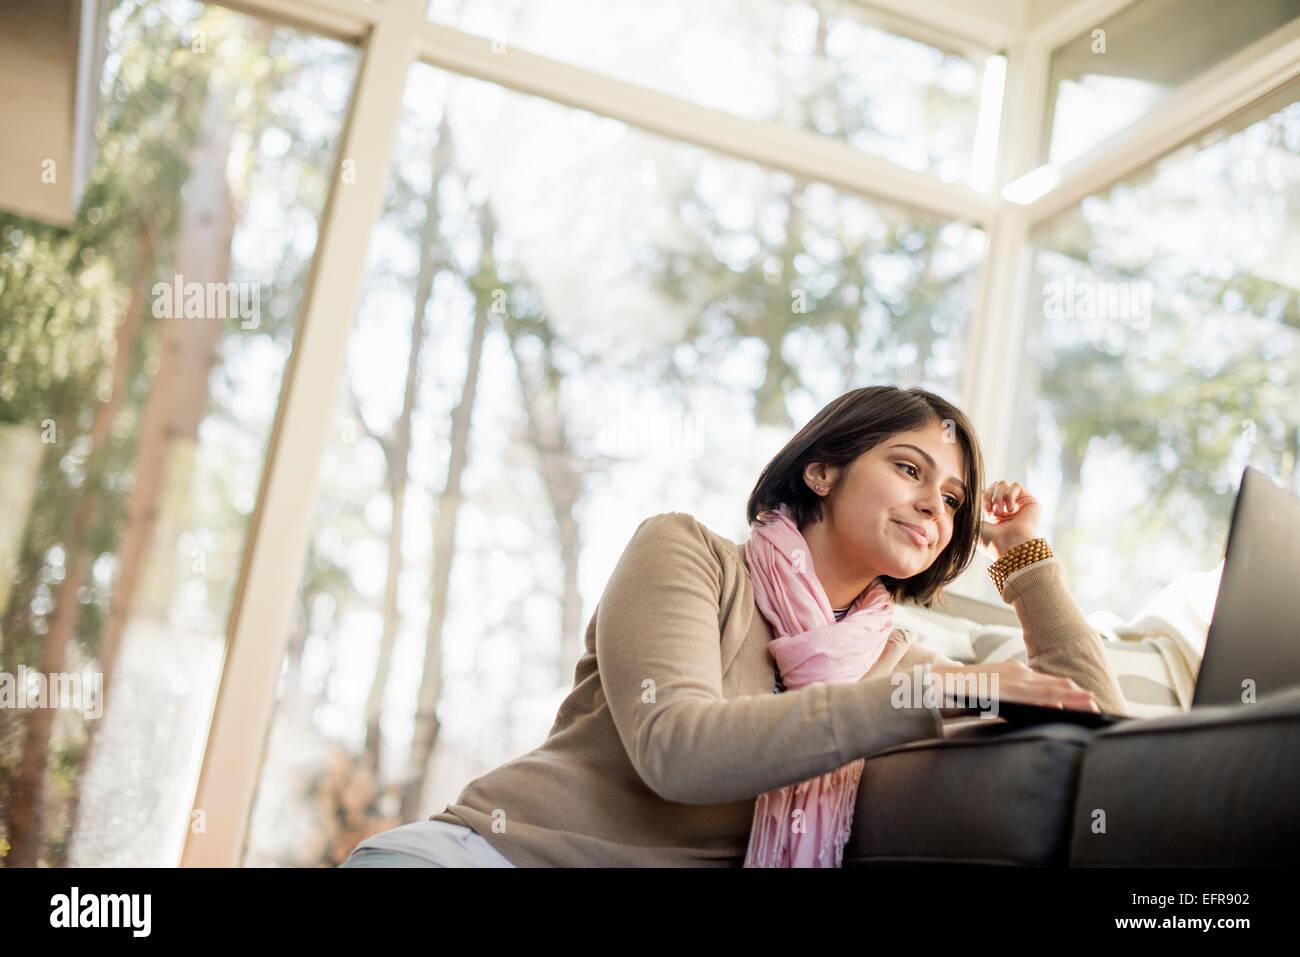 Donna seduta sul pavimento nella parte anteriore del divano guardando il suo computer portatile. Immagini Stock